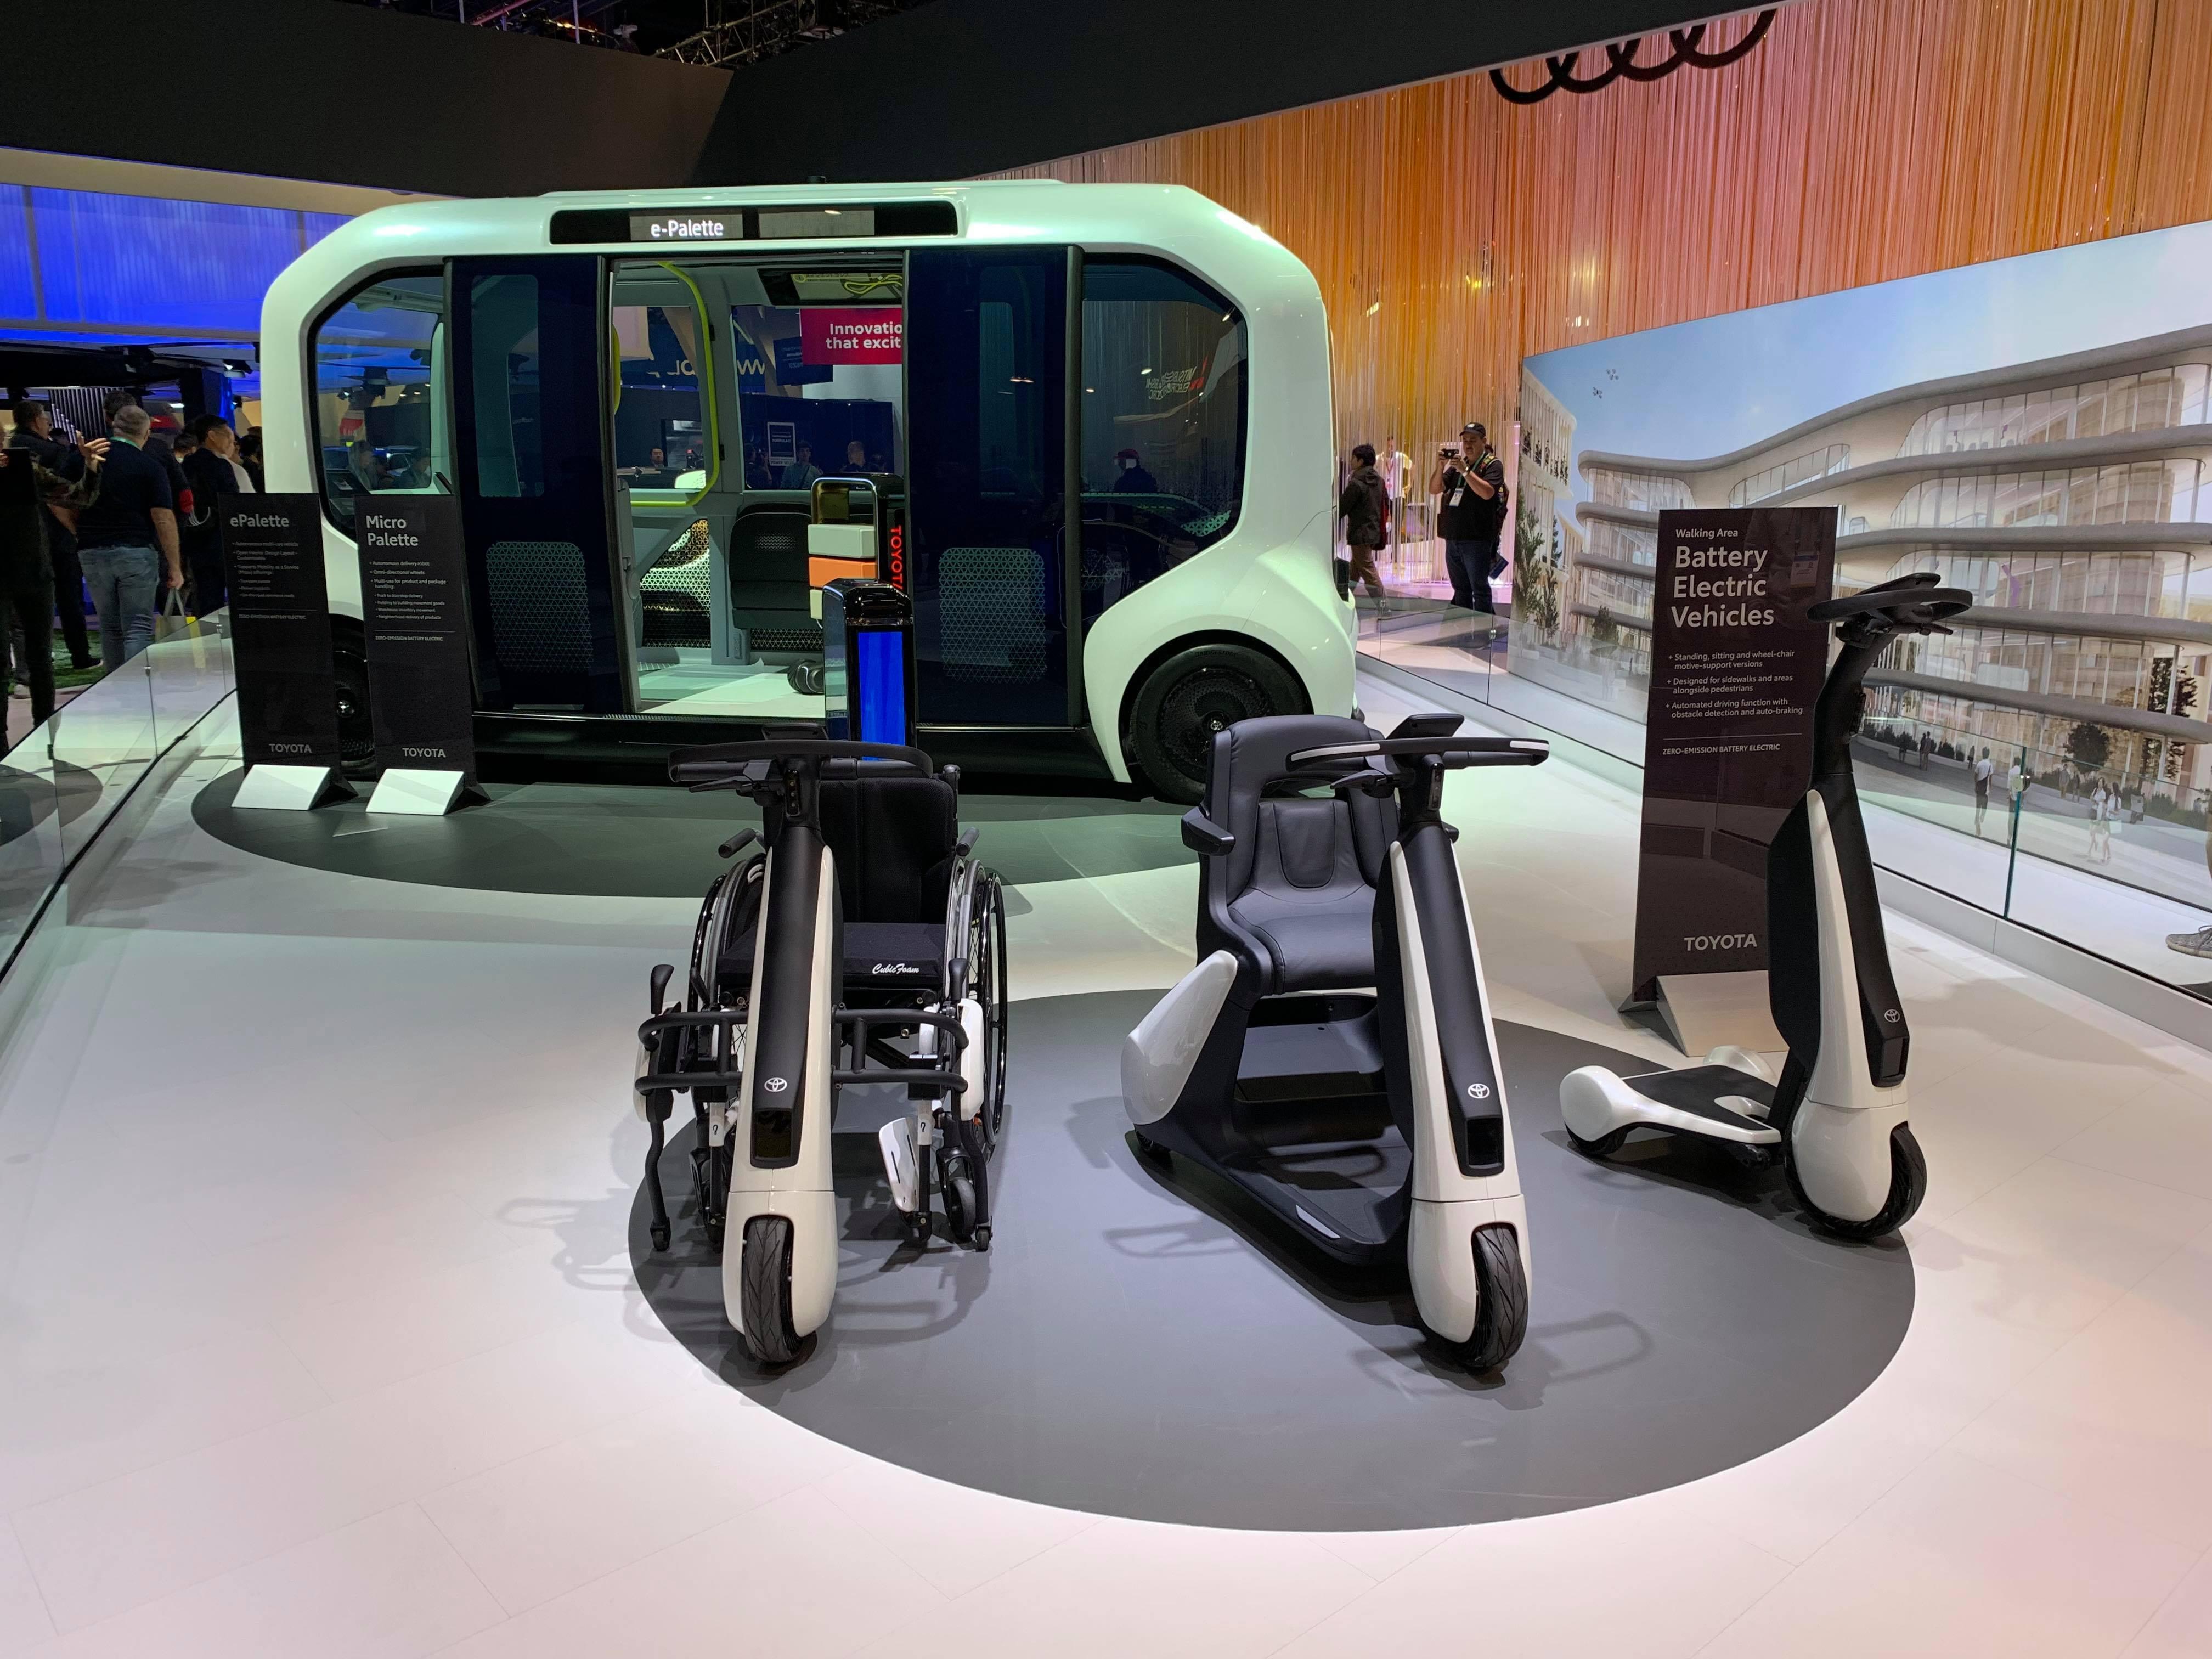 TOYOTAのAutono-MaaS専用EV車「e-Palette」